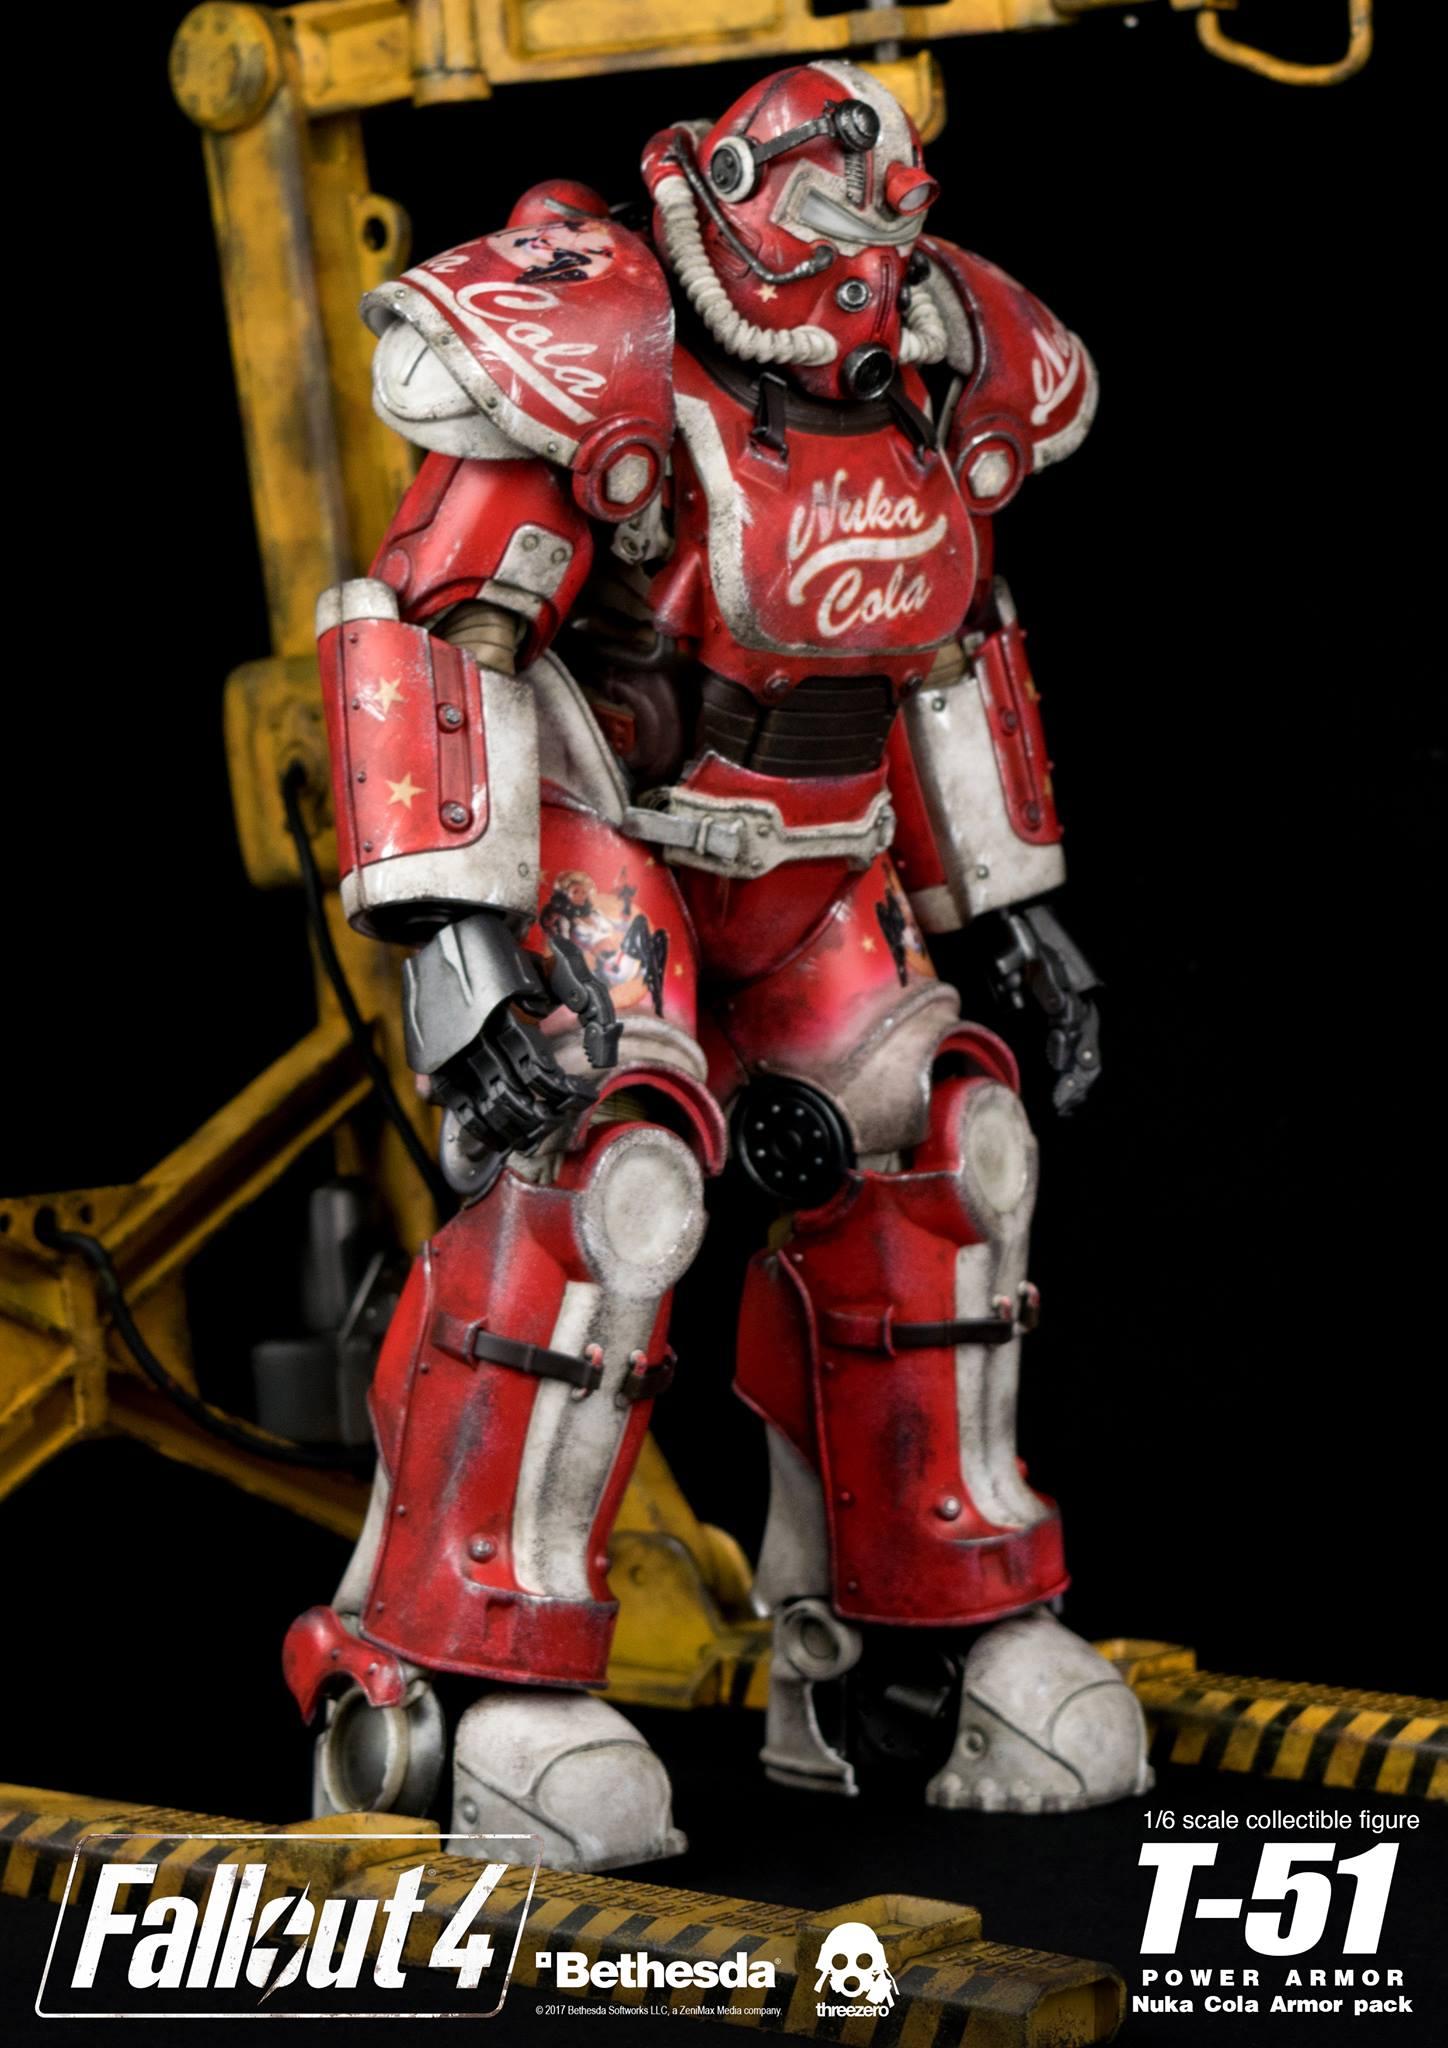 ThreeZero открыли предзаказ на набор сменных панелей в стиле Нюка-Колы для фигурки силовой брони Т-51 формата 1/6 по мотивам игры Fallout 4.